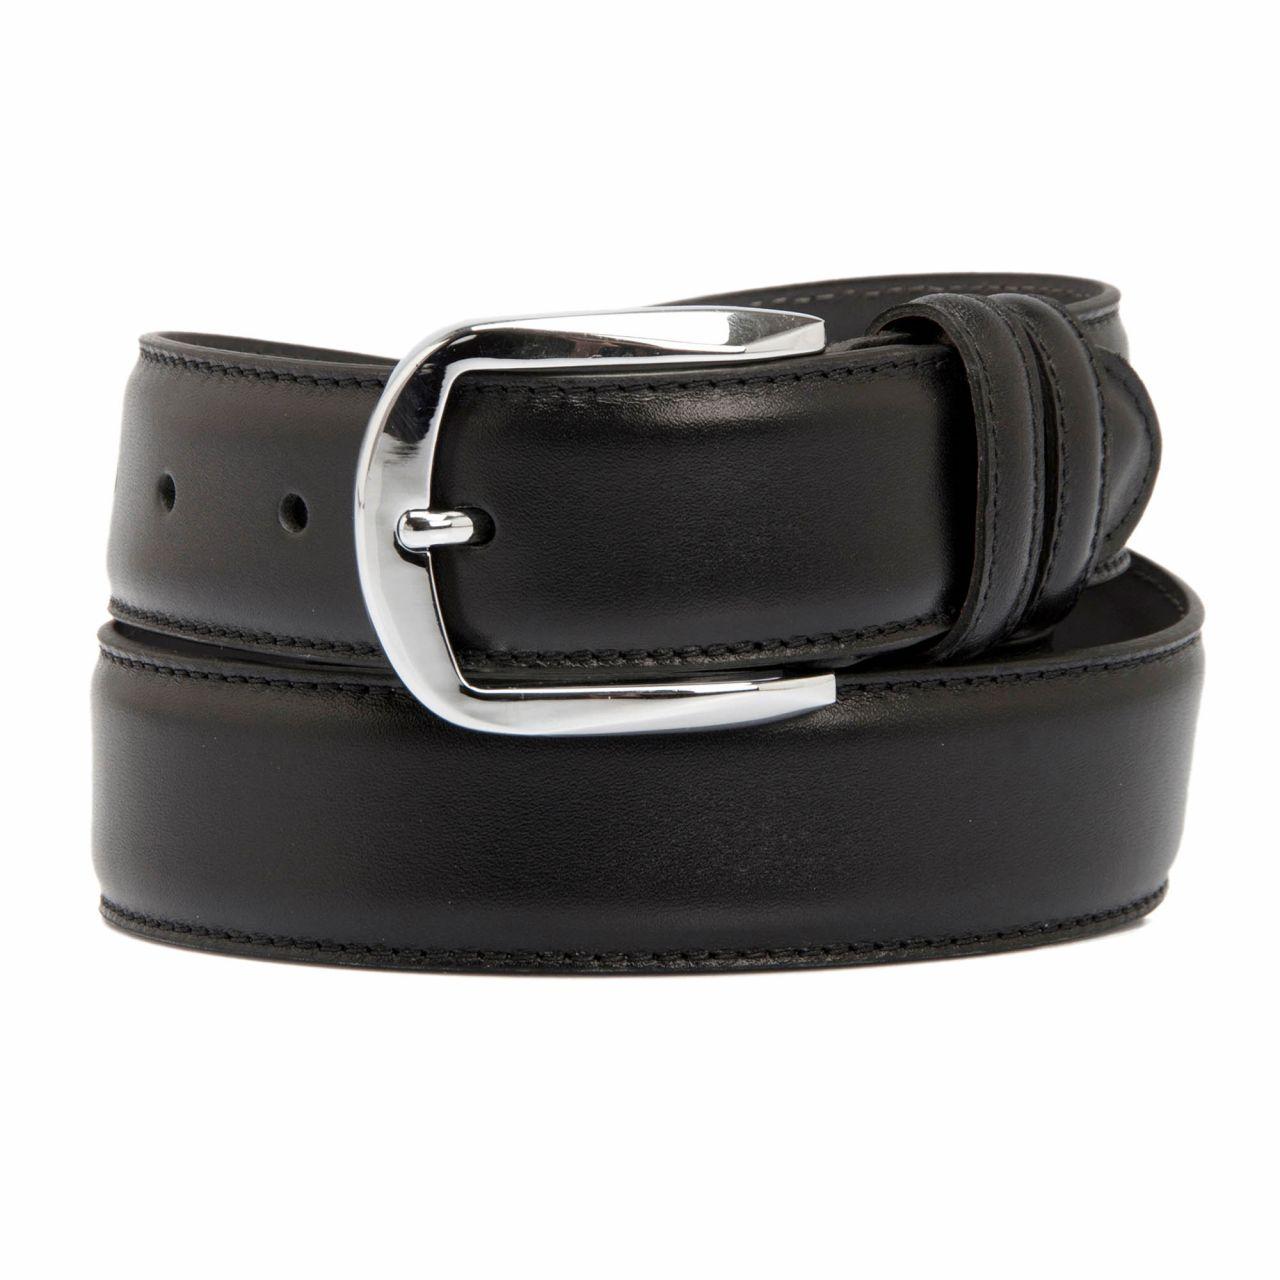 Black men's belt for formal events